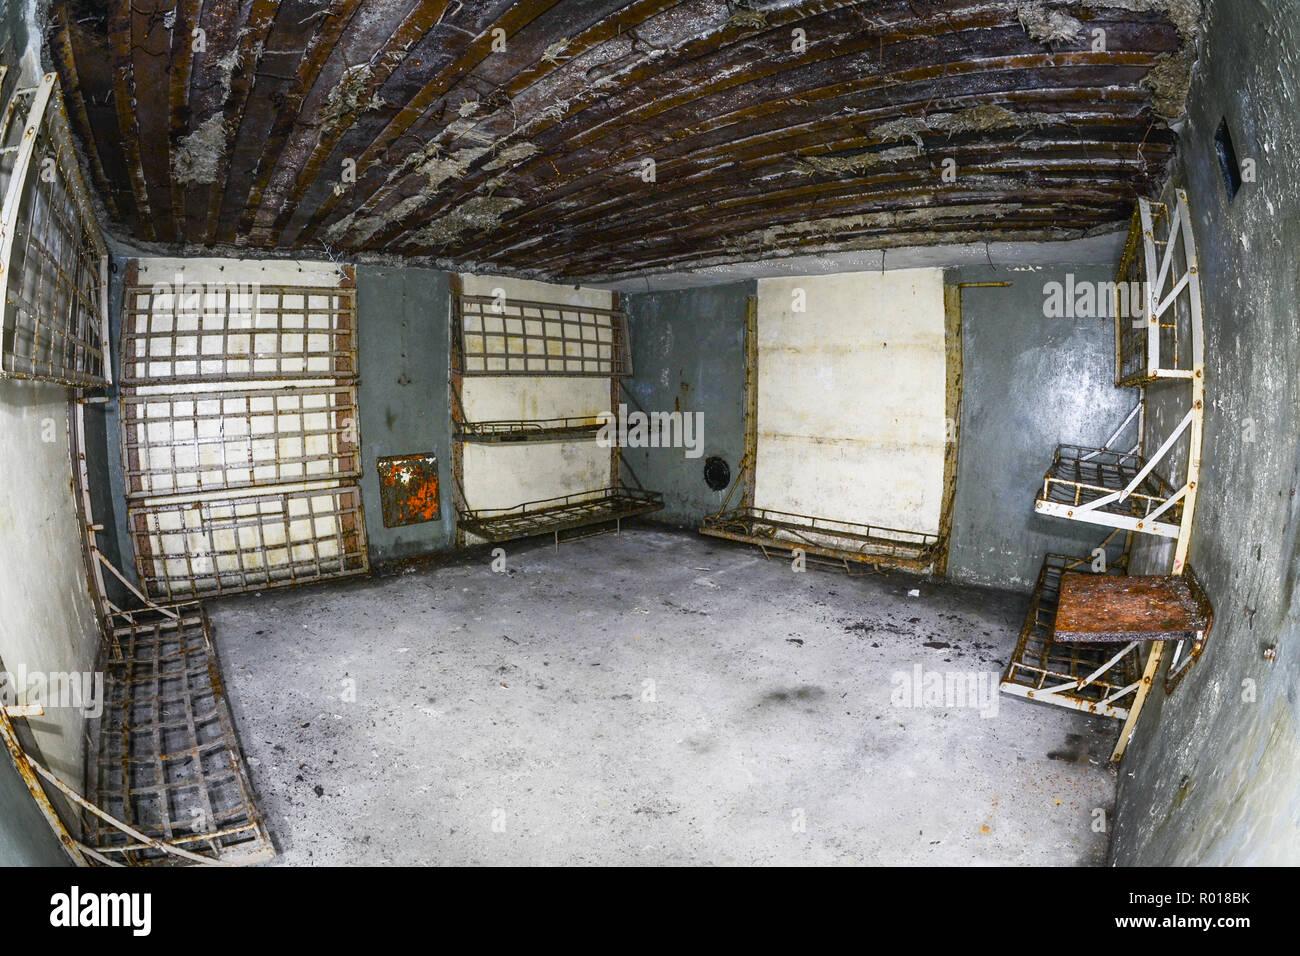 Abandonada y devastada interior de la guerra fría la fortificación de defensa costera en Hel, Polonia. Imagen De Stock